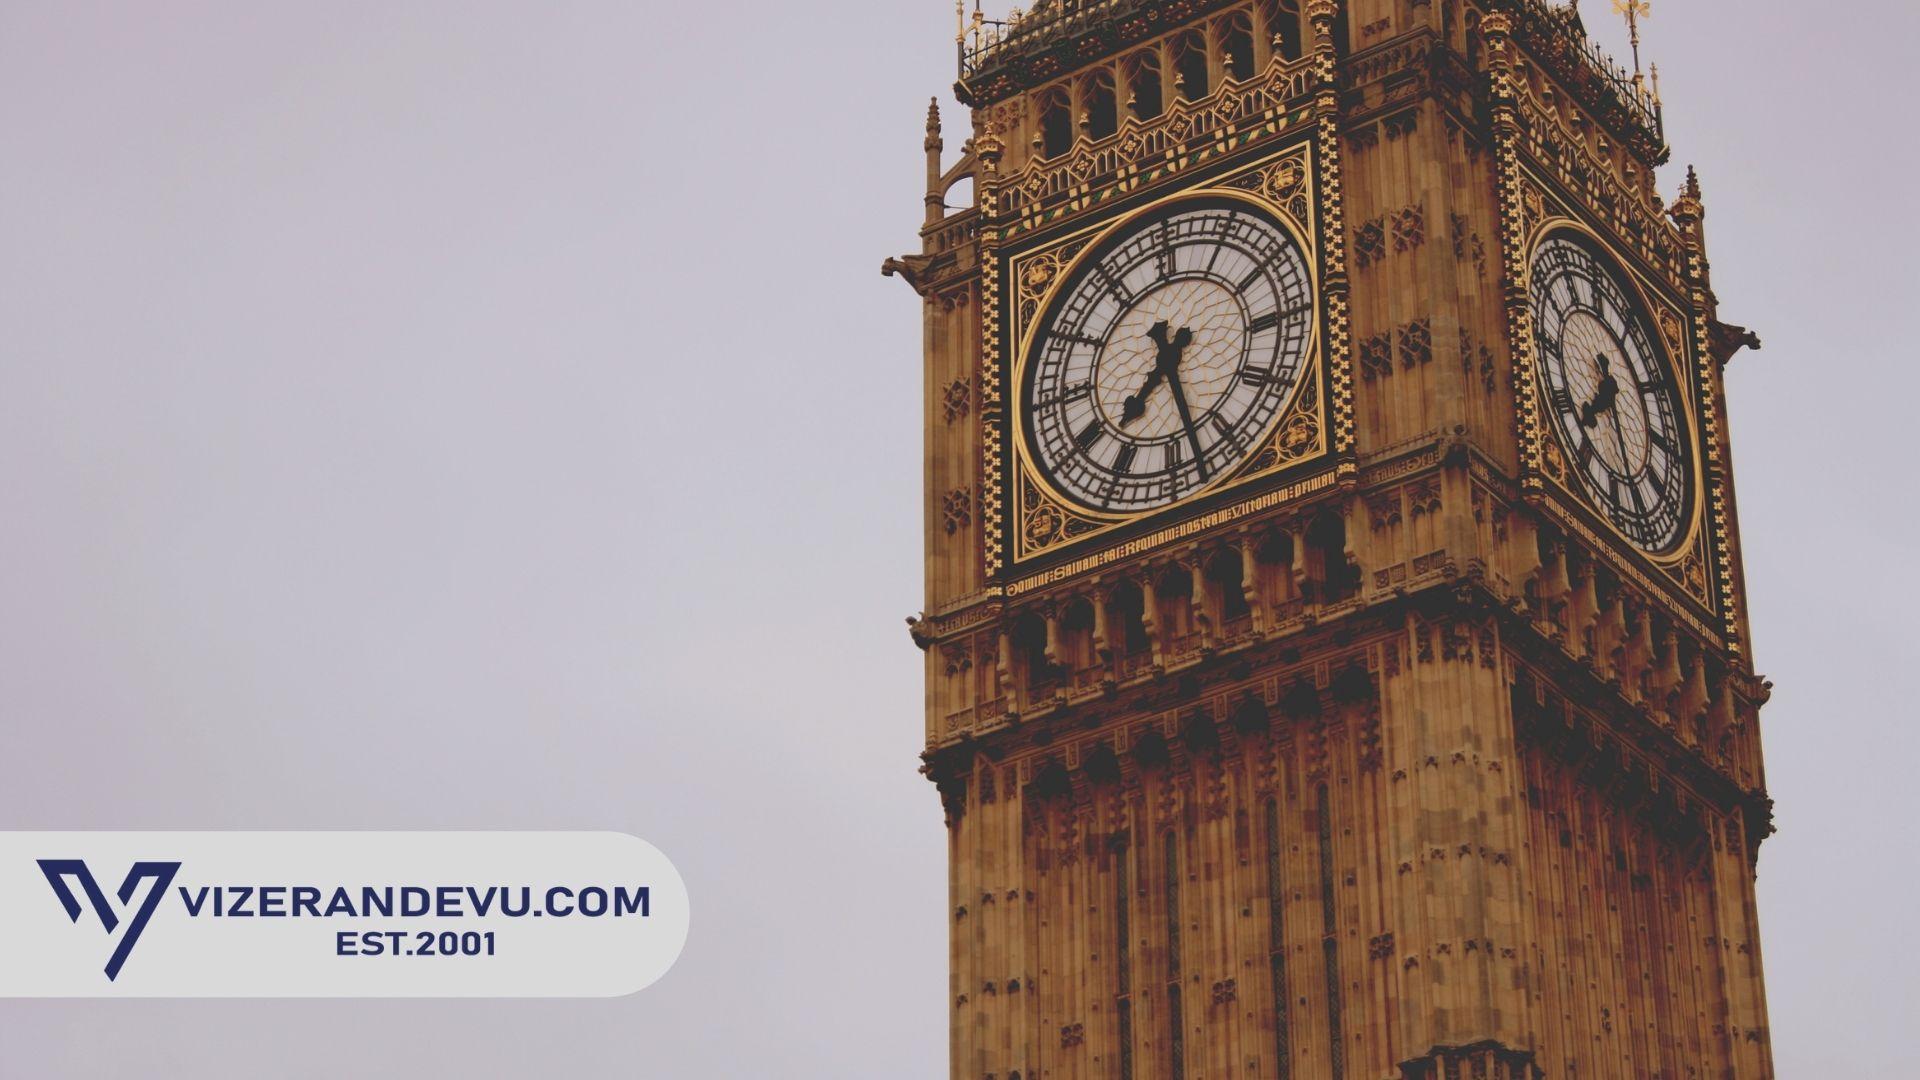 İngiltere Vize Formu ve Dilekçe 2021